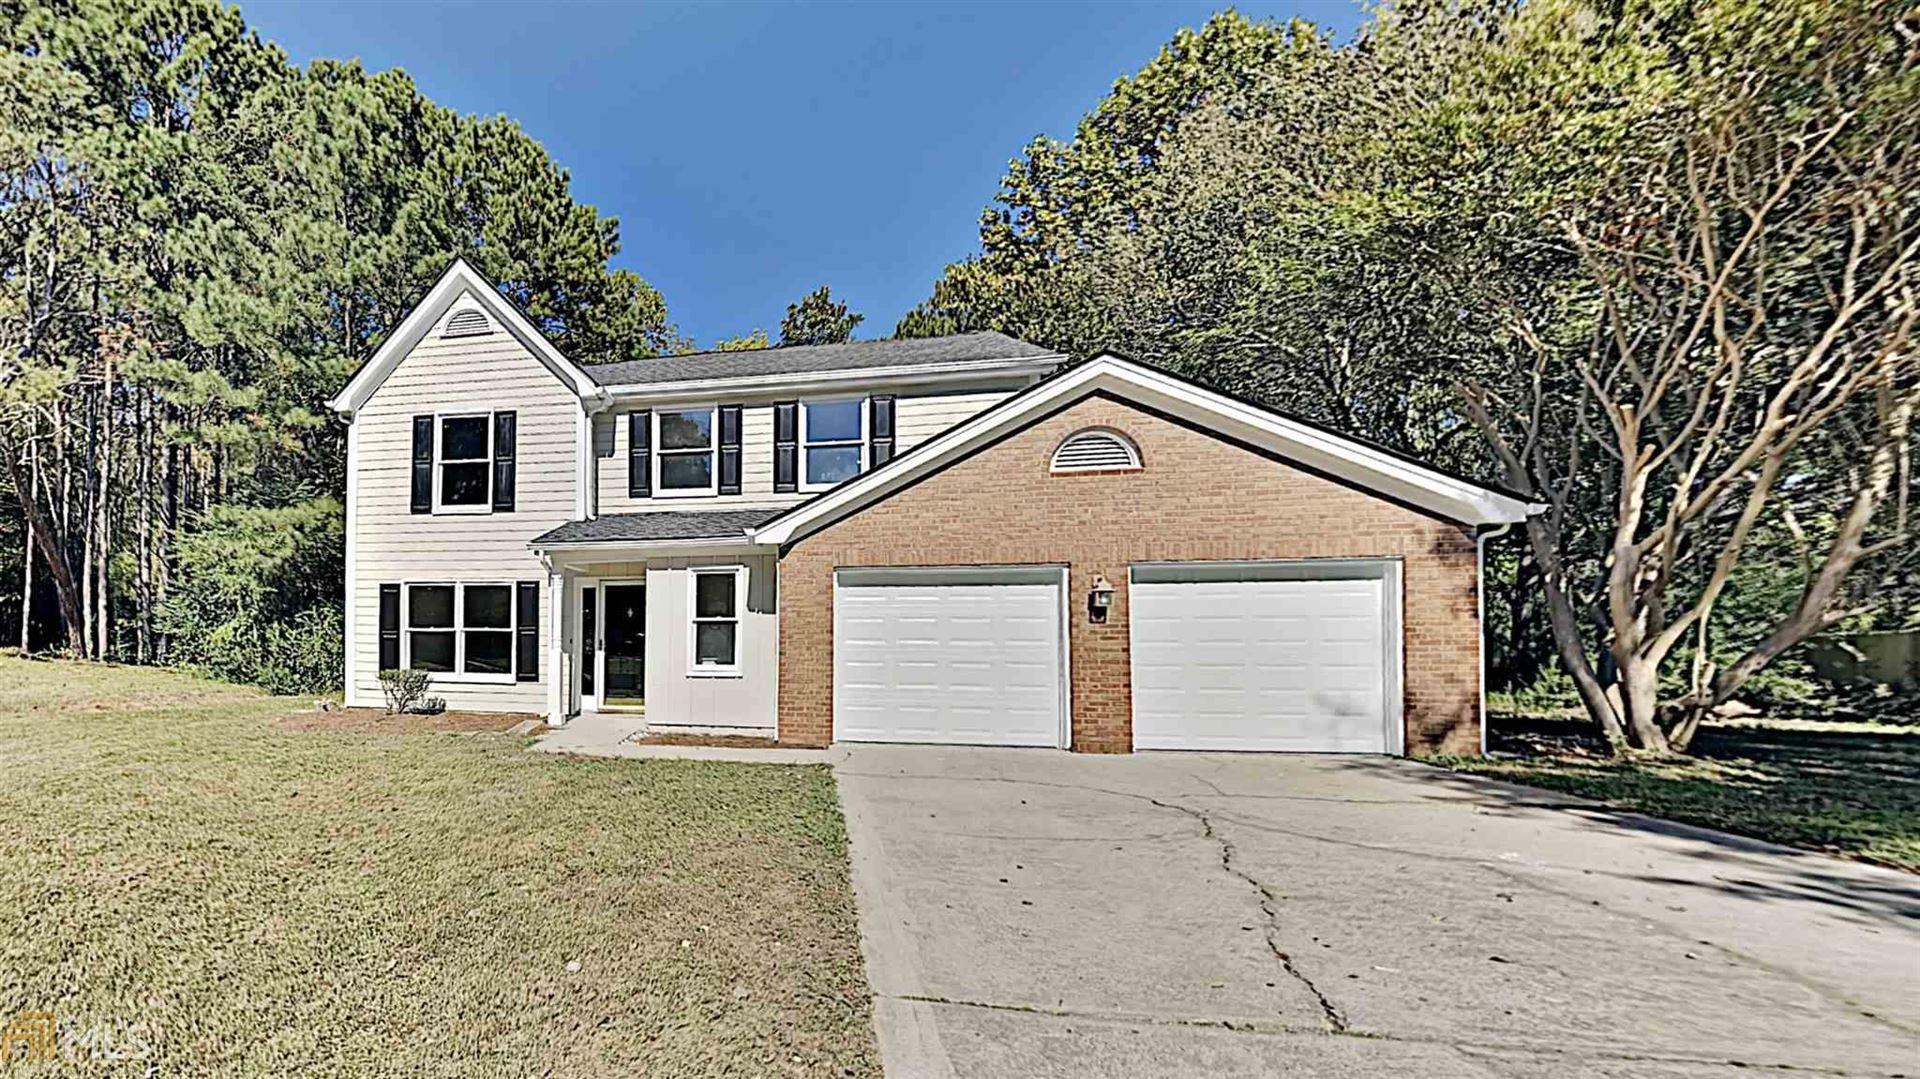 115 Willow View Pt, Alpharetta, GA 30022 - MLS#: 8877786